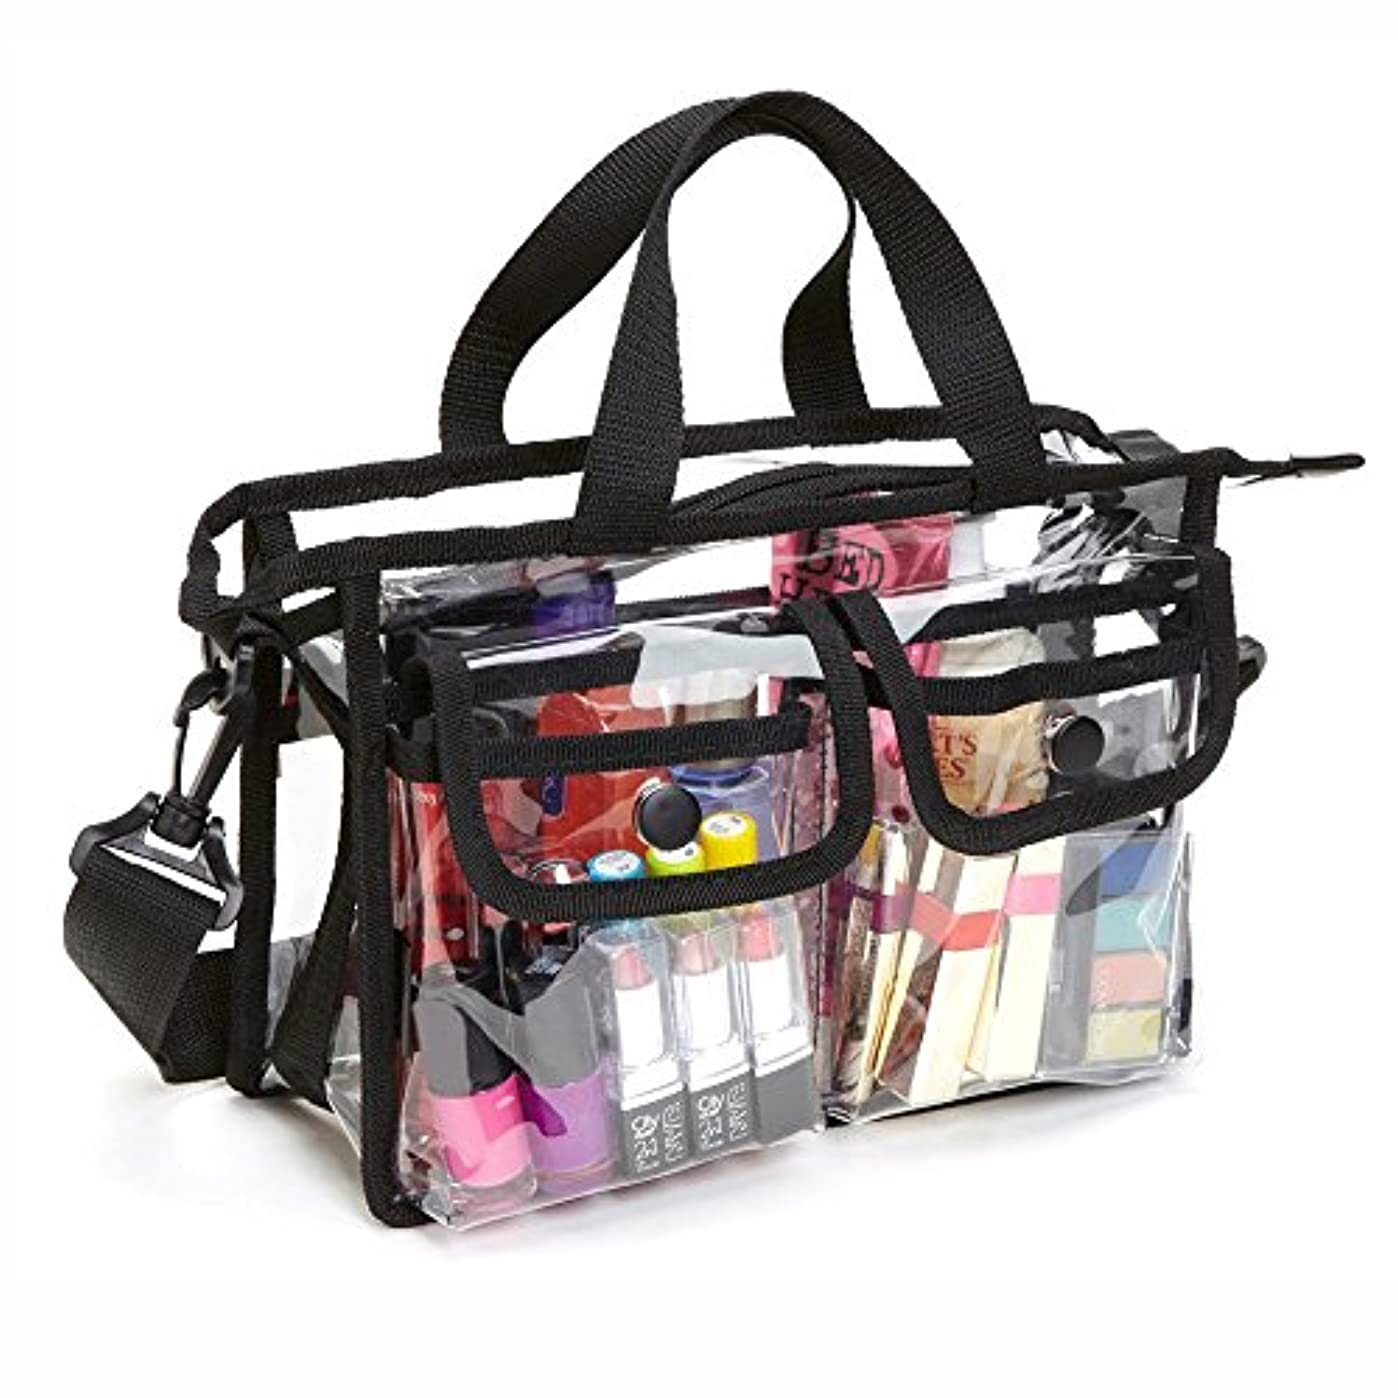 視力脅迫耐えられないメイクバッグ Akane EVA ショルダーバッグ 透明 お風呂 防水 厚く 家用 便利 旅行 ビーチ 化粧バッグ